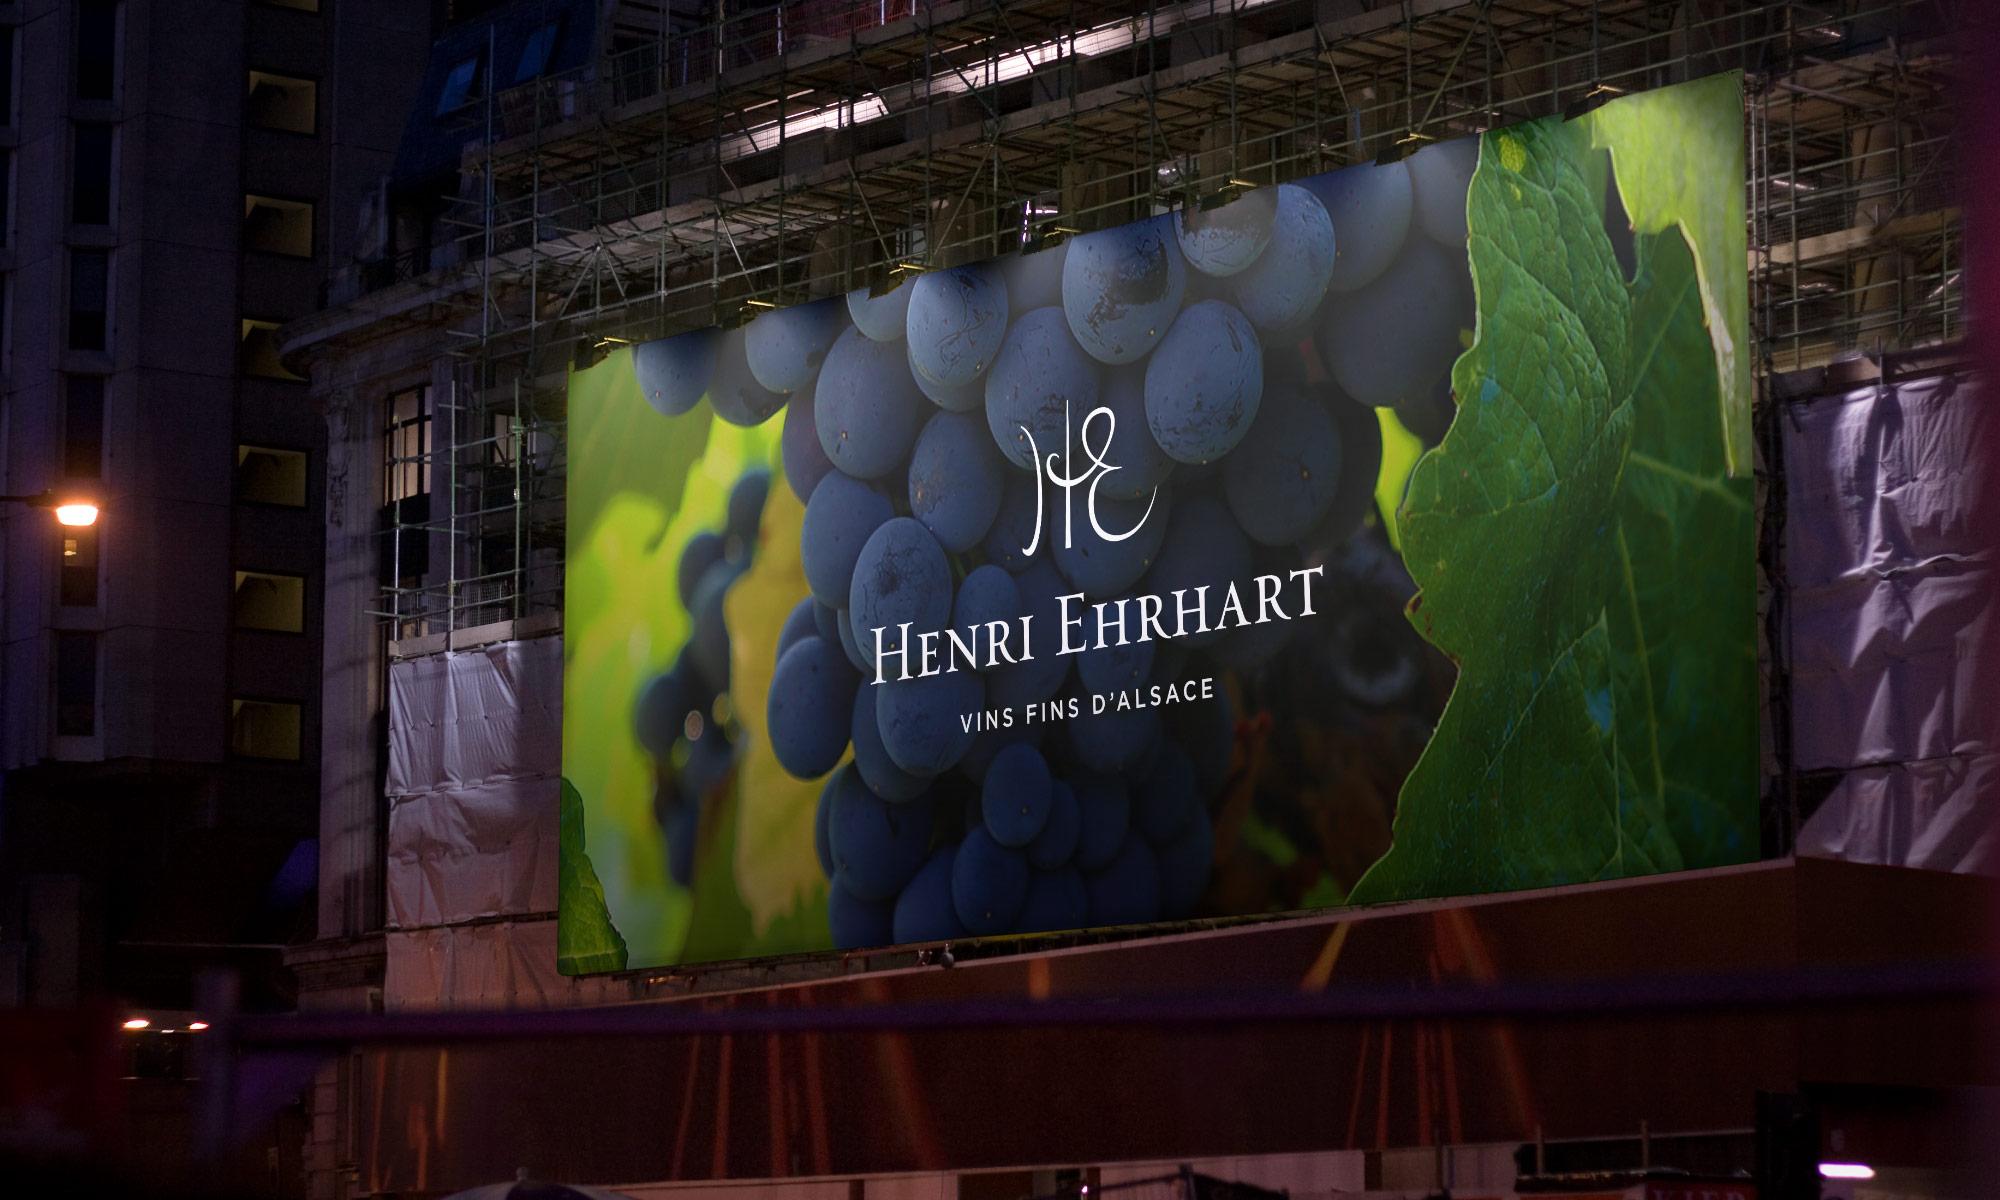 Henri Ehrhart billboard ad